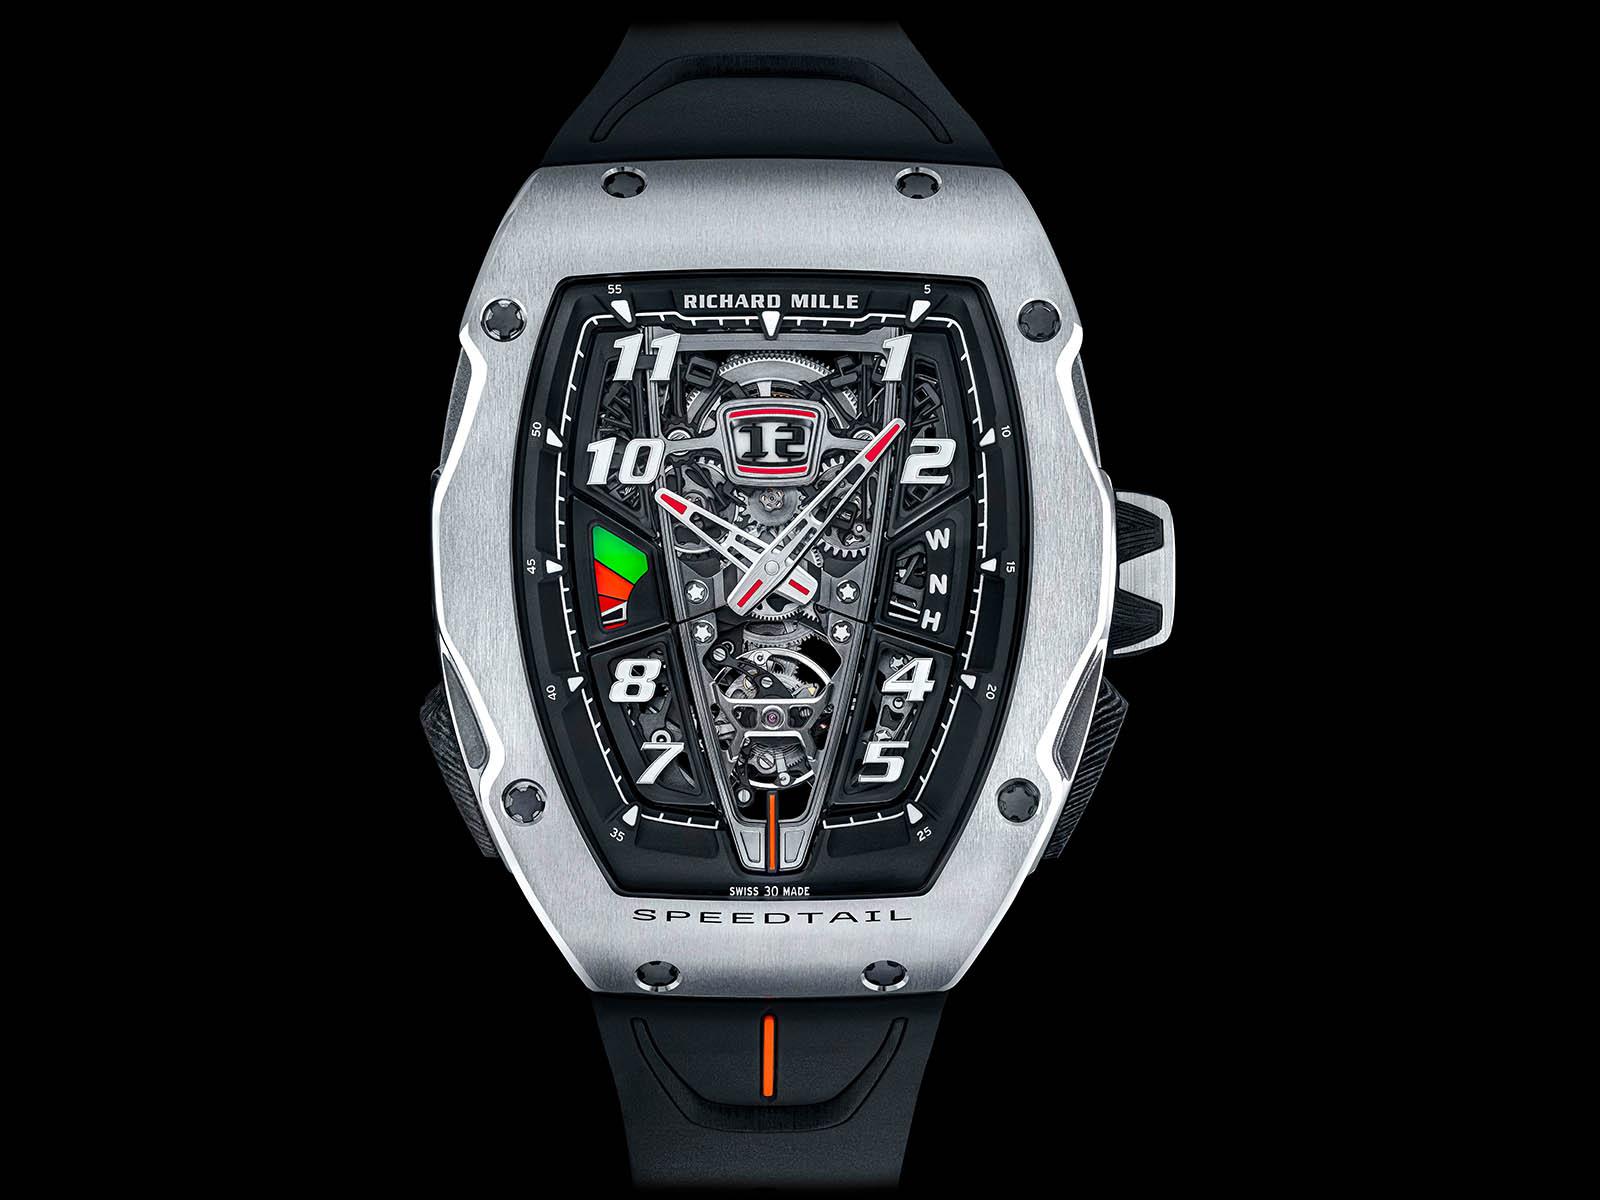 richard-mille-40-01-automatic-tourbillon-mclaren-speedtail-10.jpg